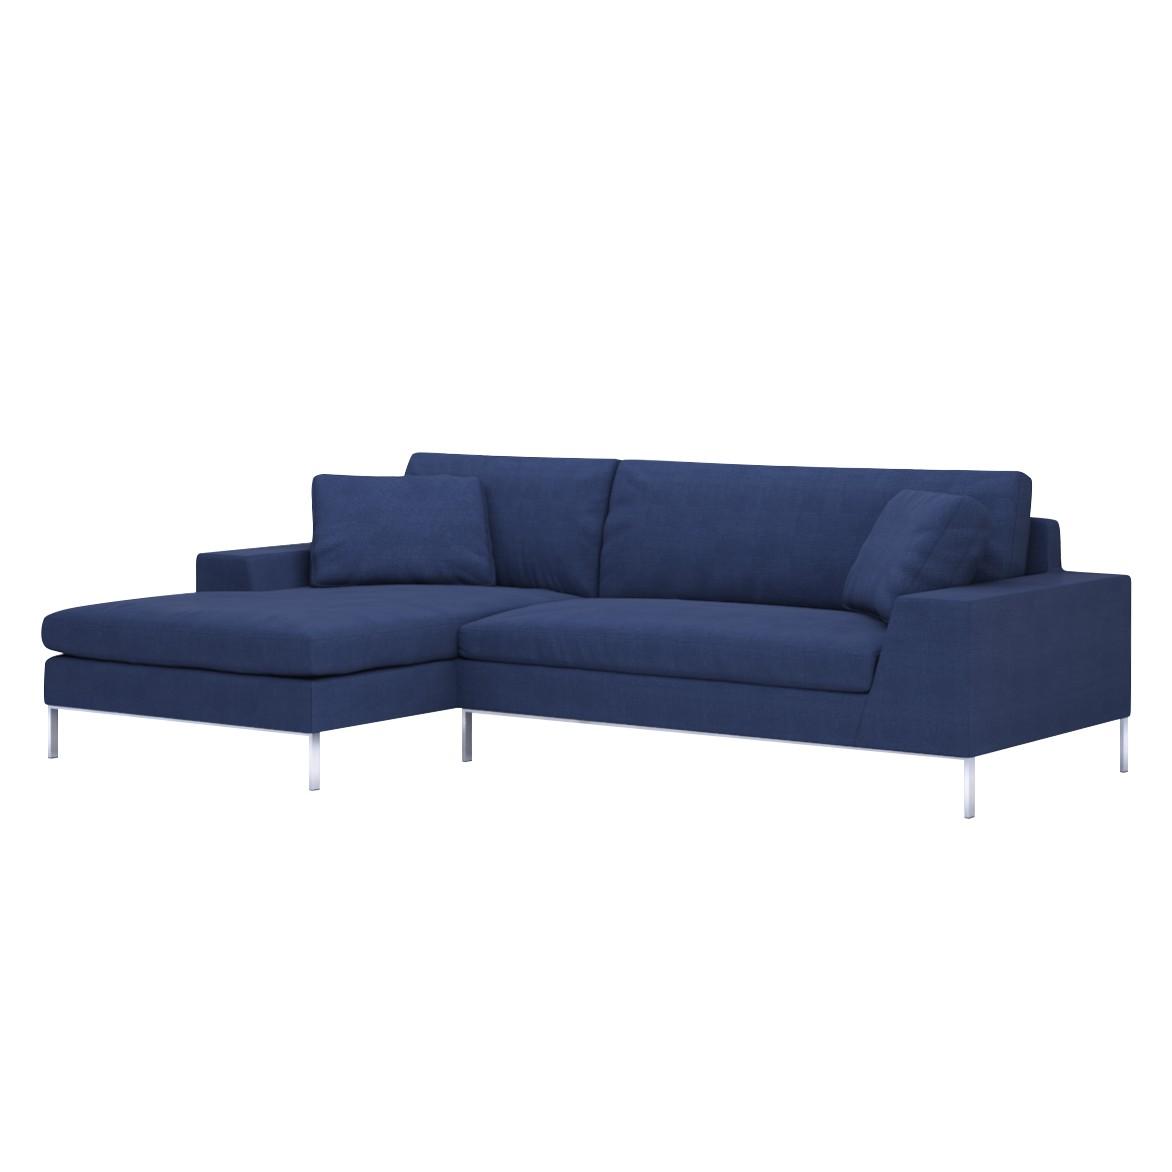 Sofa Helgesen (2-Sitzer) mit Recamière – Longchair/Ottomane davorstehend links – Senja III D.Blue (Mitternachtsblau), Von Wilmowsky jetzt bestellen